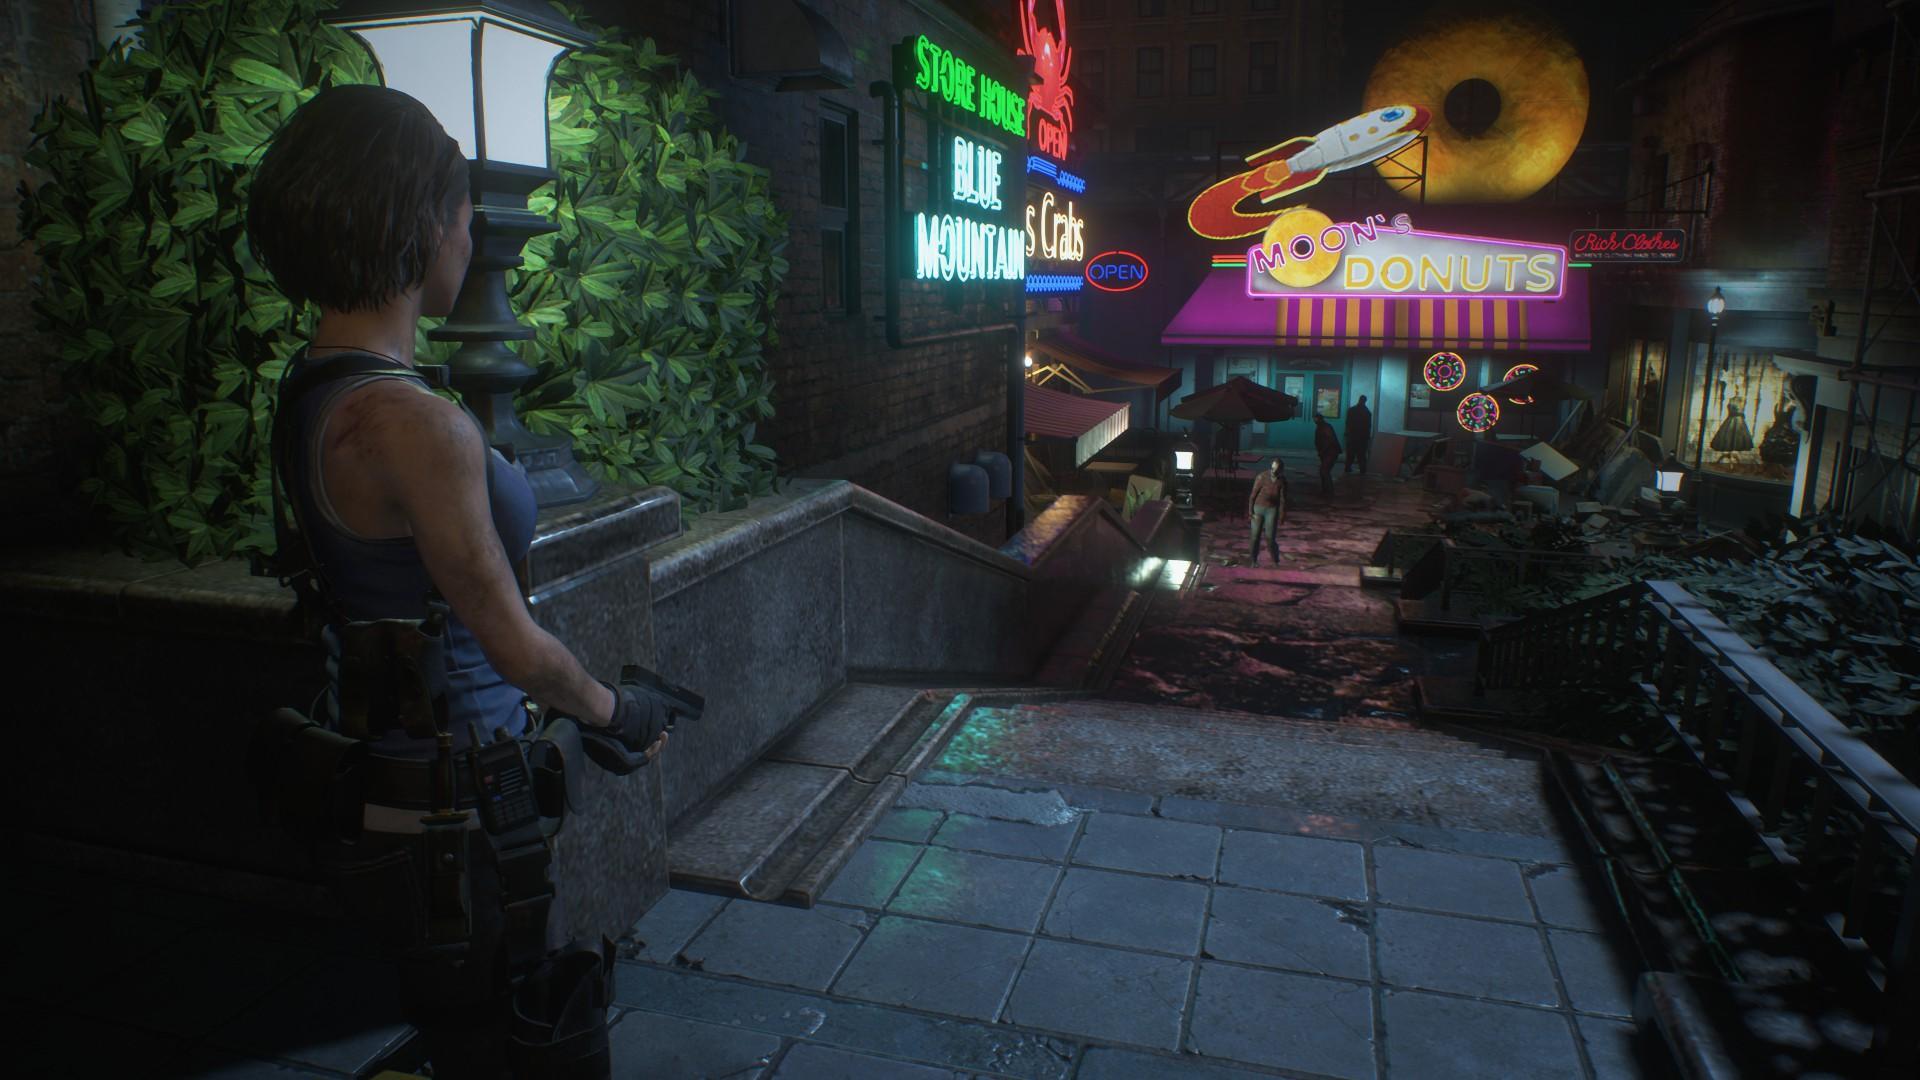 《生化危机3:重制版》实机截图更新,追踪者全身火焰追逐吉尔